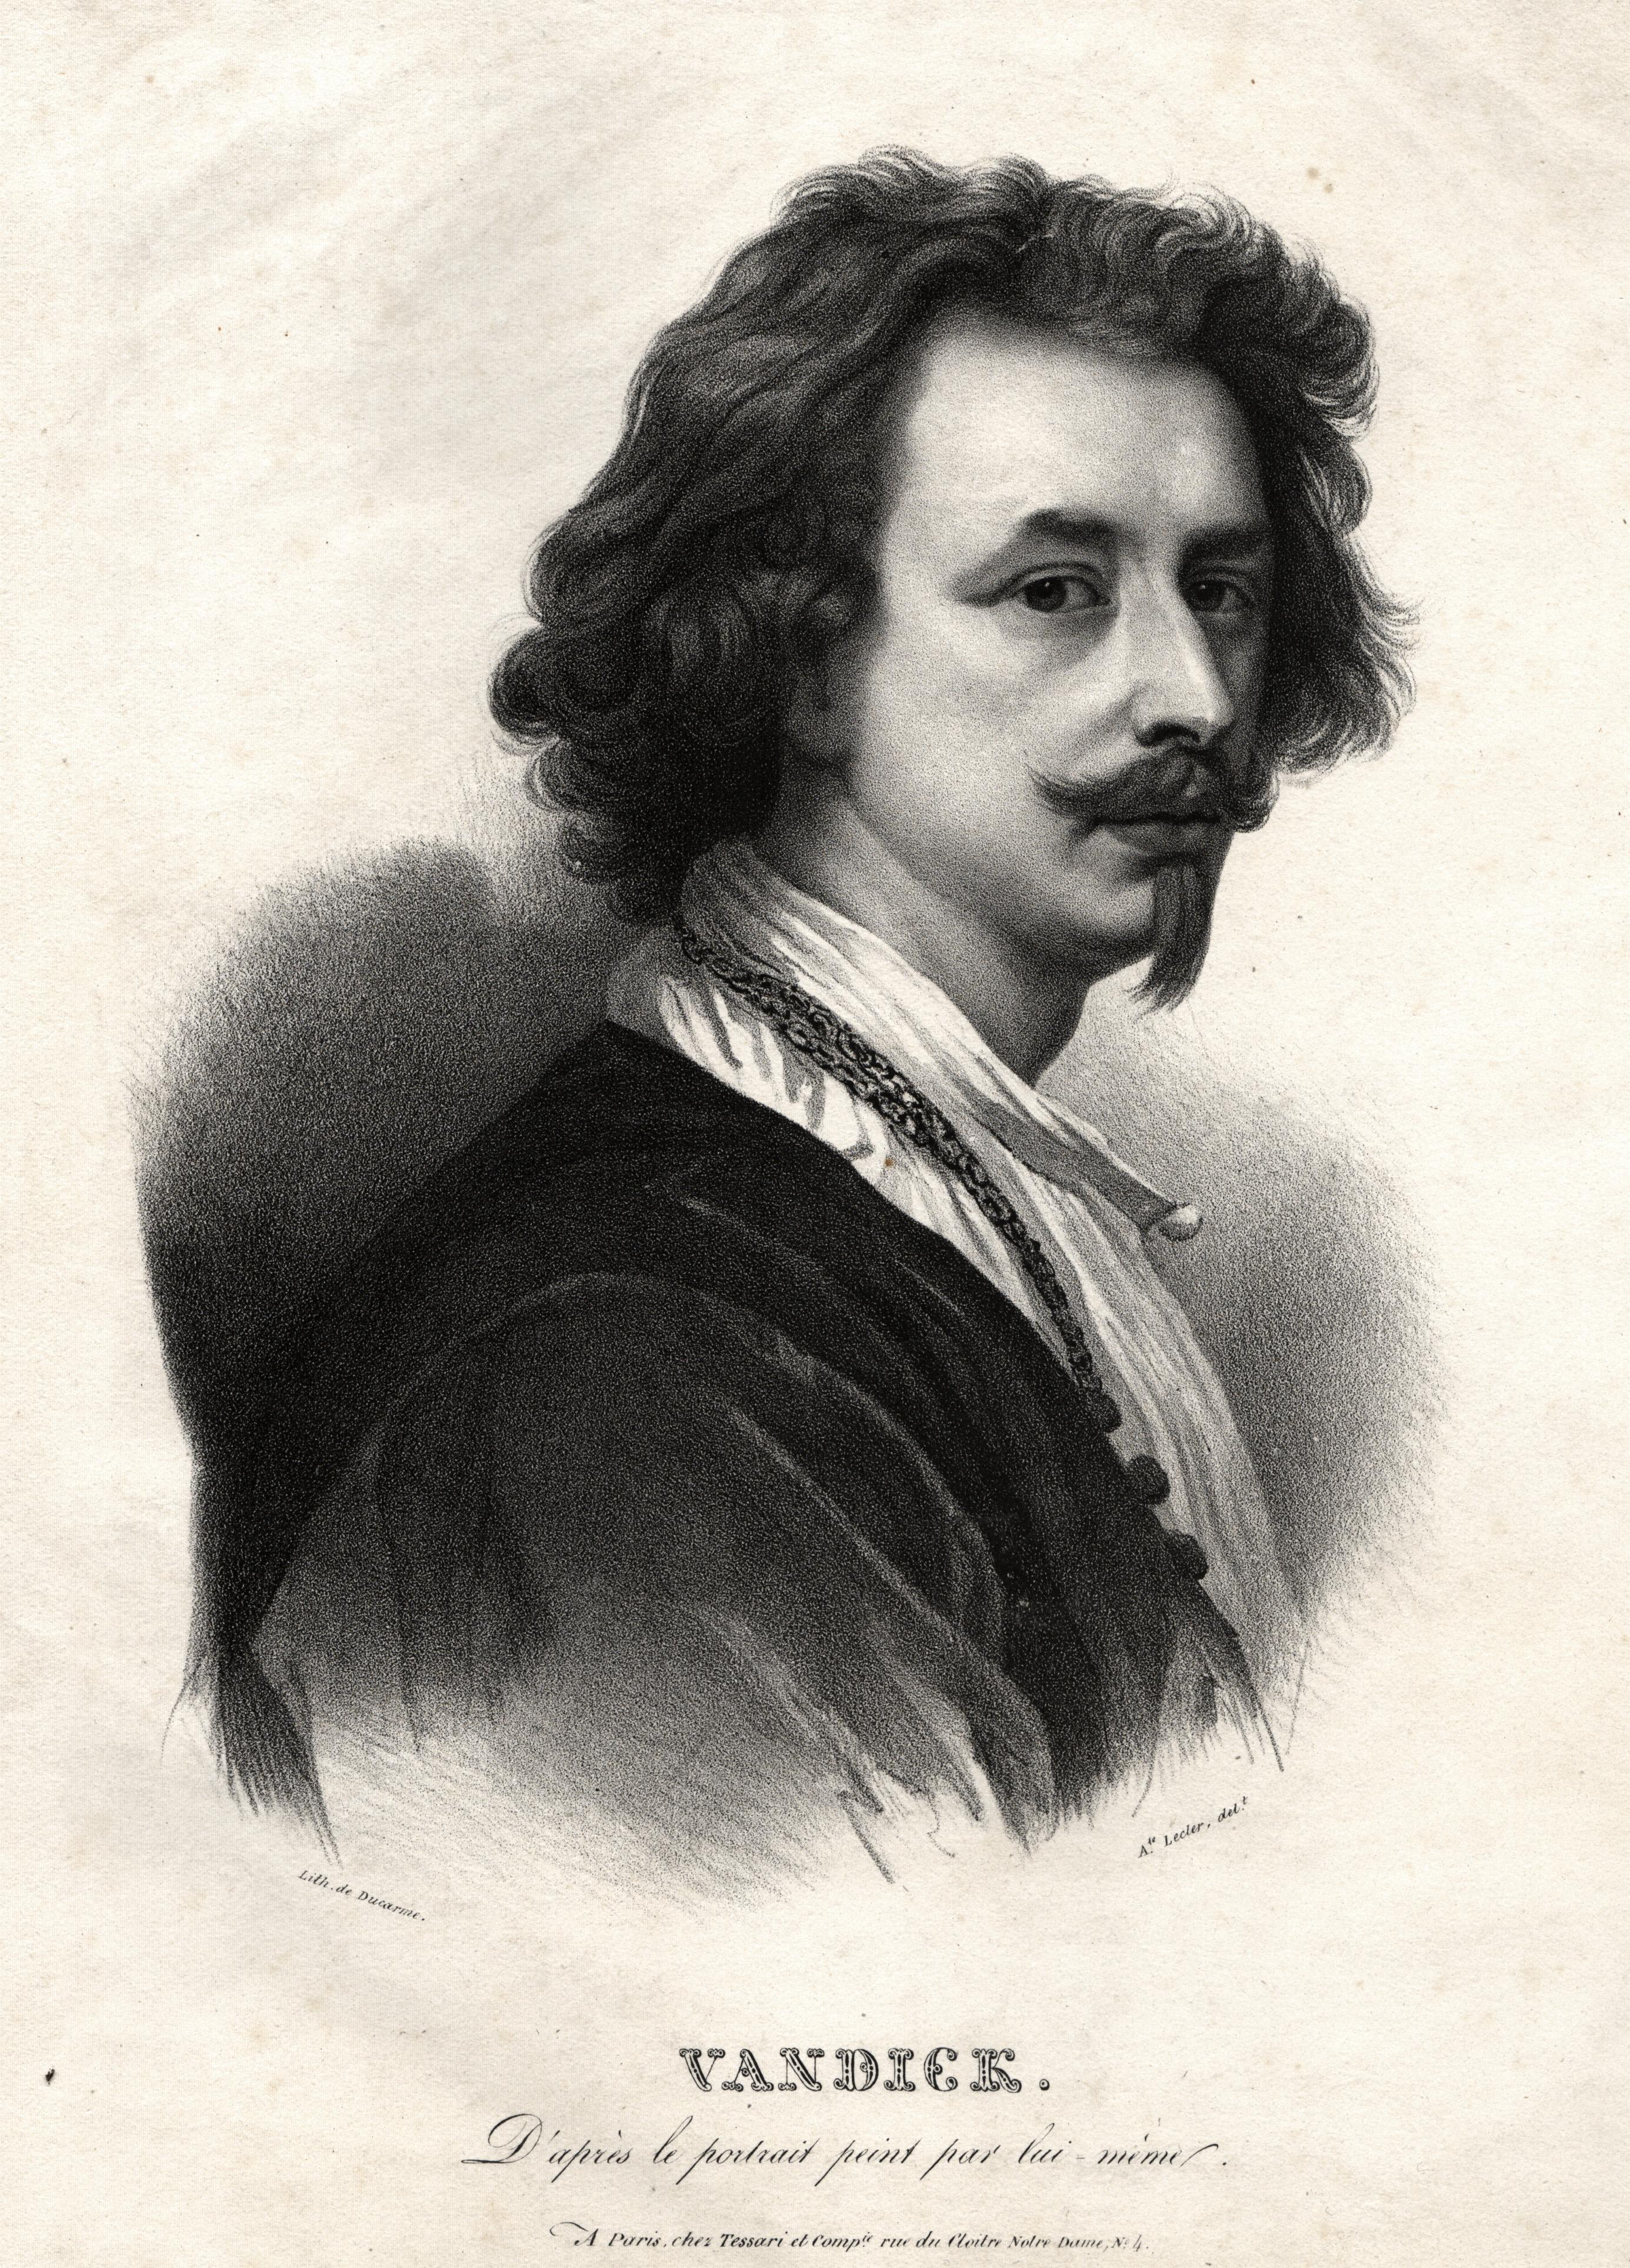 Sir Anthonis van Dyck (Antwerpen 22.03.1599 -: DYCK, Anthonis van